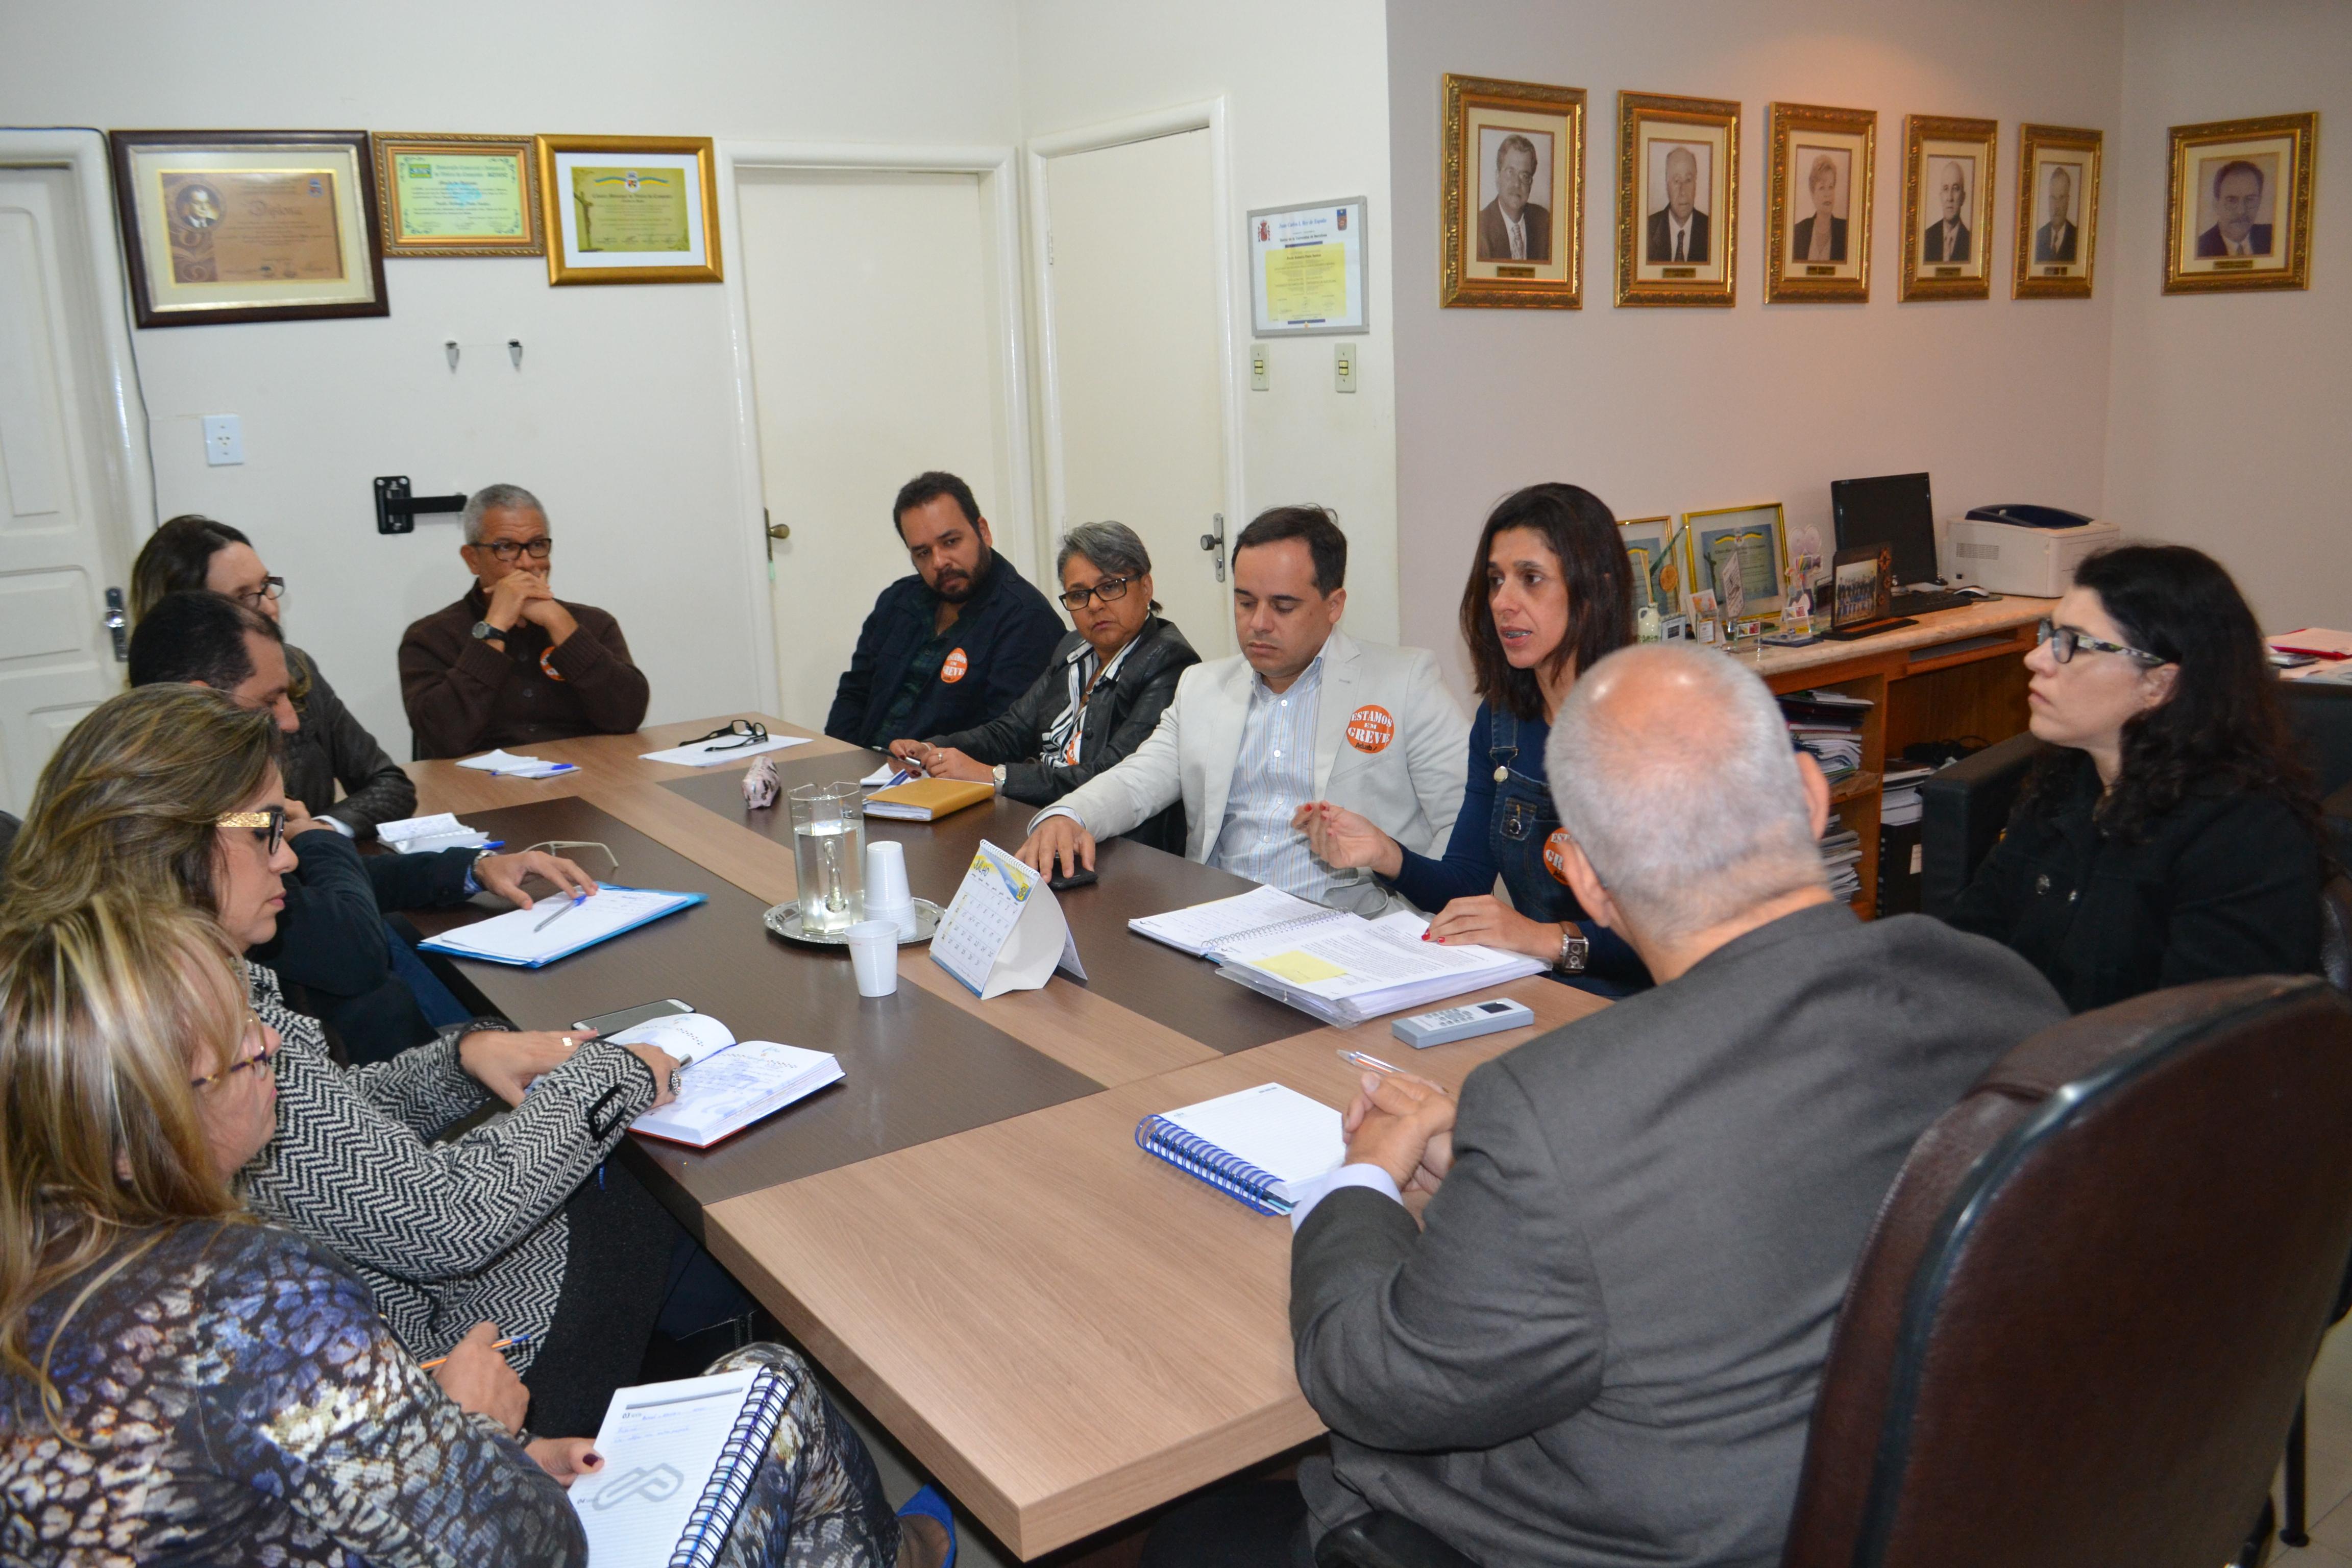 Comando de greve da Adusb denuncia contingenciamento e cobra posição da reitoria